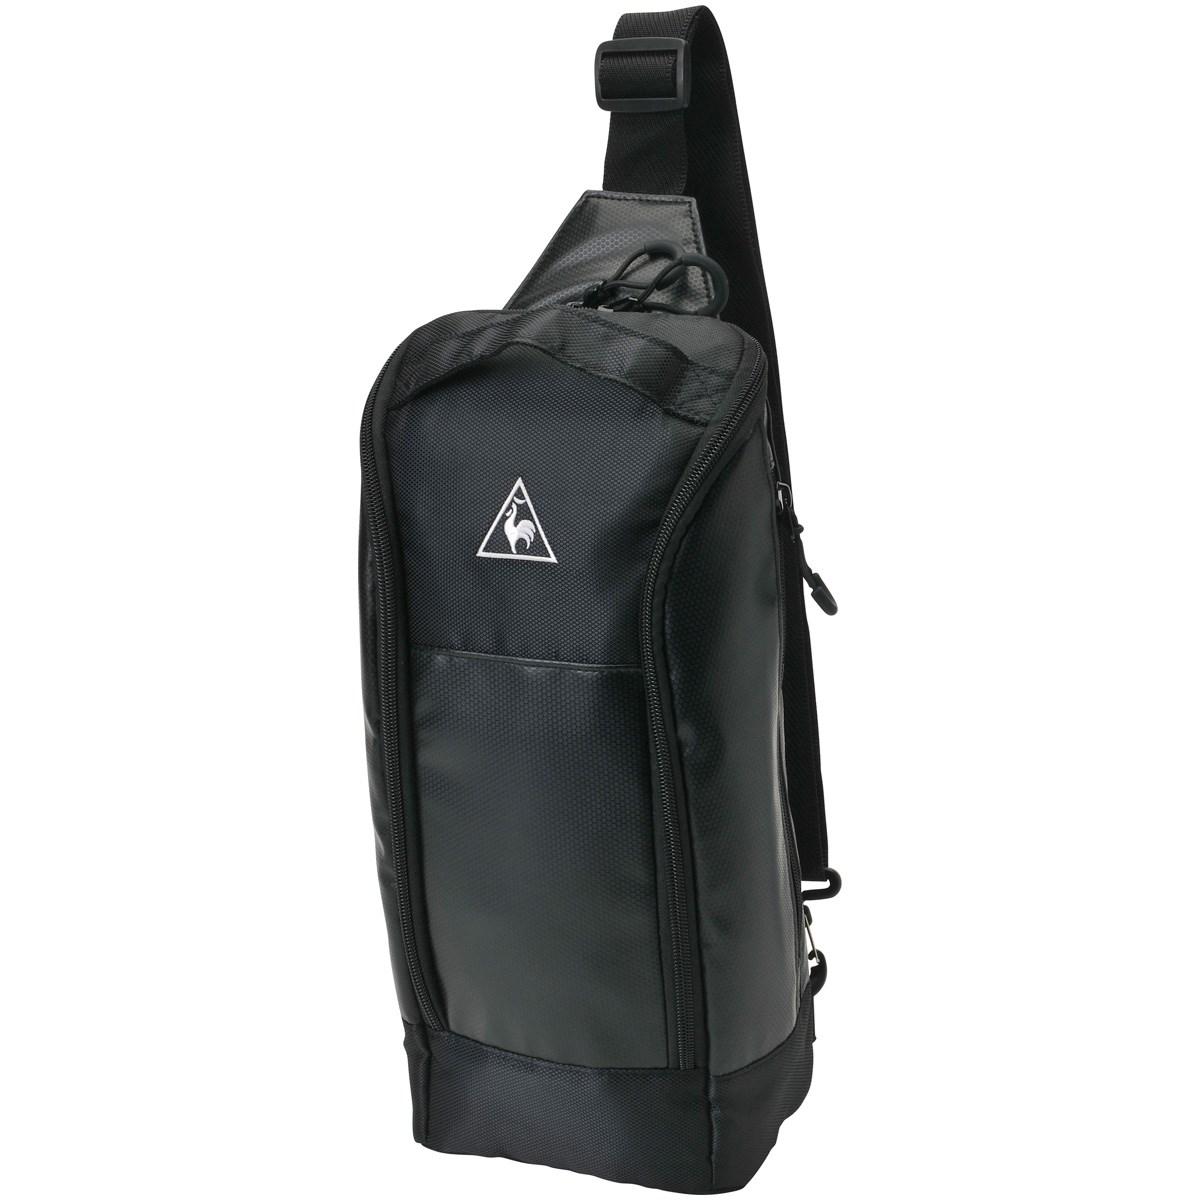 [2019年モデル] ルコックゴルフ Le coq sportif GOLF ボディバッグ ブラック BK00 メンズ